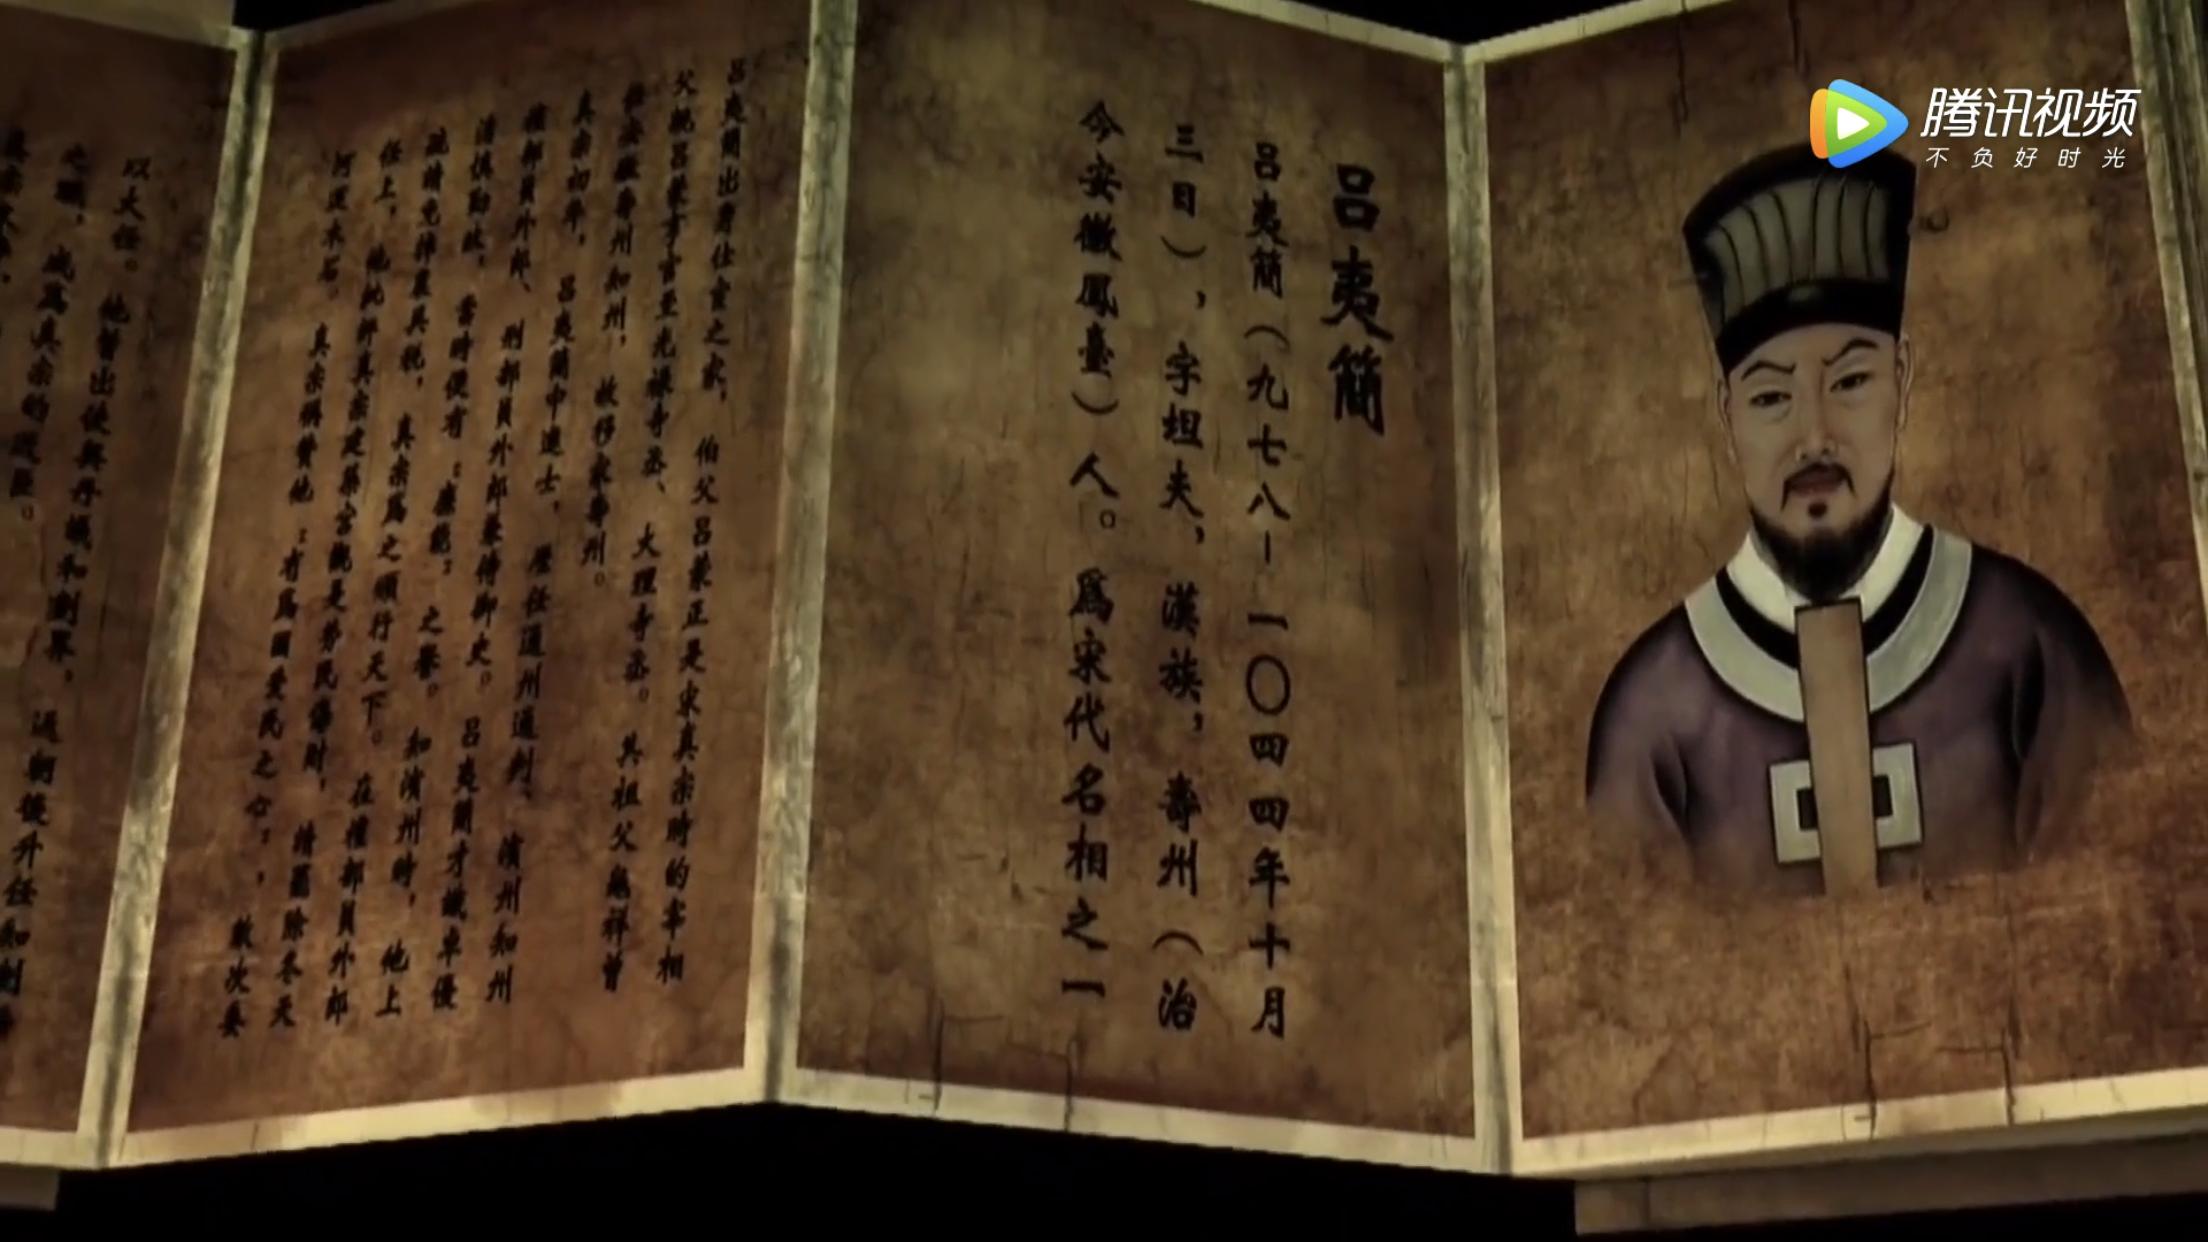 权术高级玩家吕夷简的灰色人生